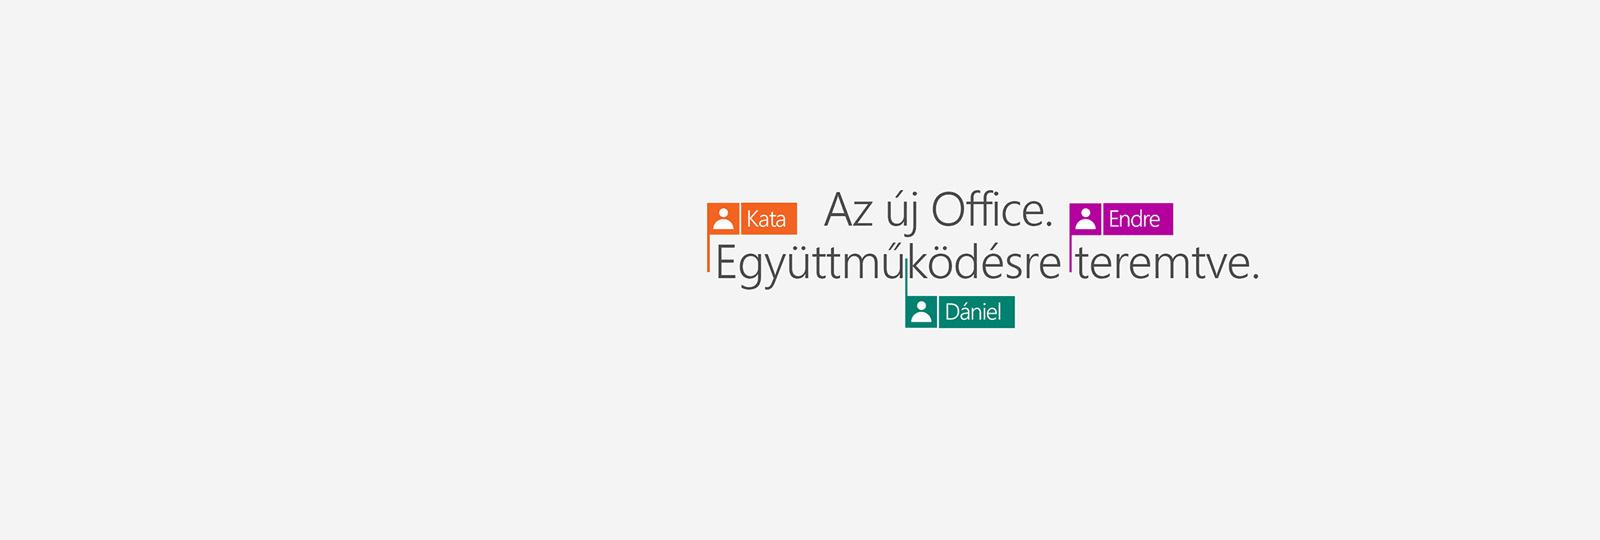 Vásárolja meg az Office 365-öt, és szerezze be a 2016-os új alkalmazásokat!